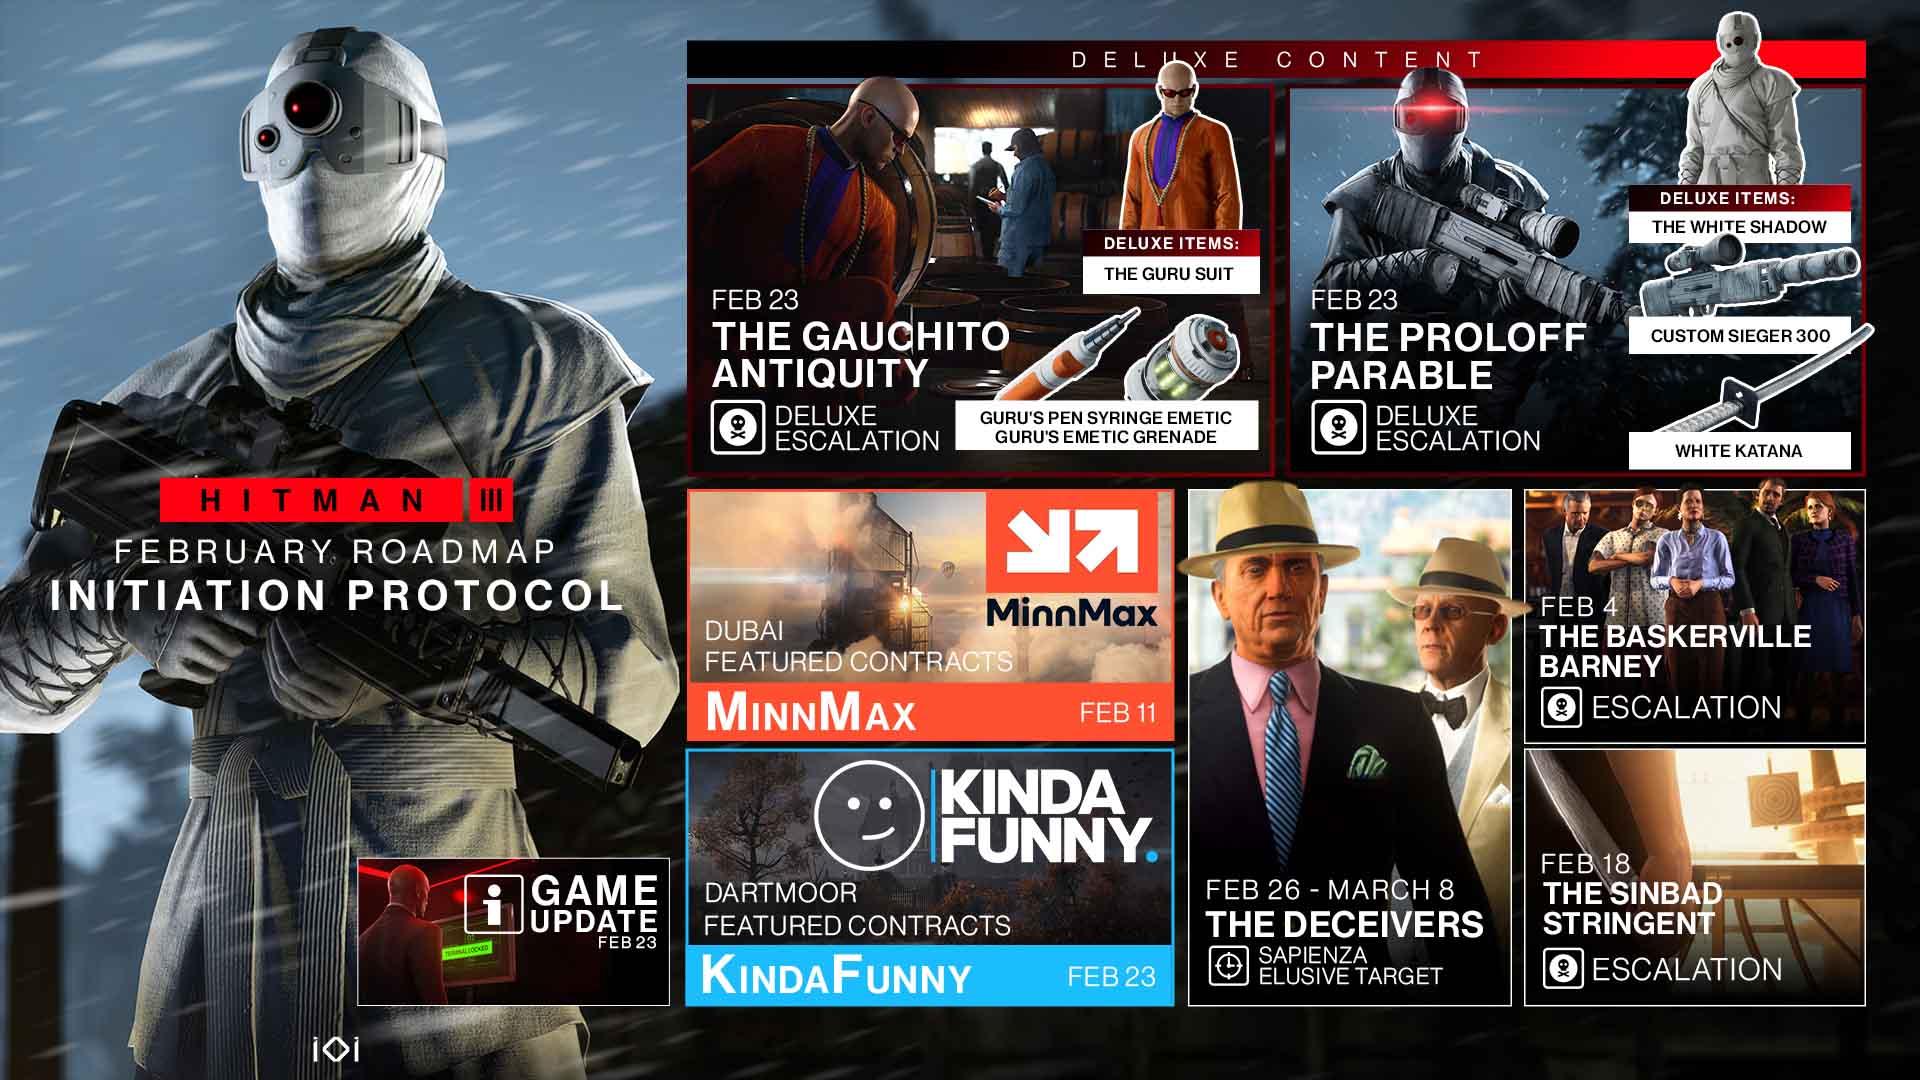 IO Interactive muestra las novedades de Hitman 3 que llegarán en febrero 2